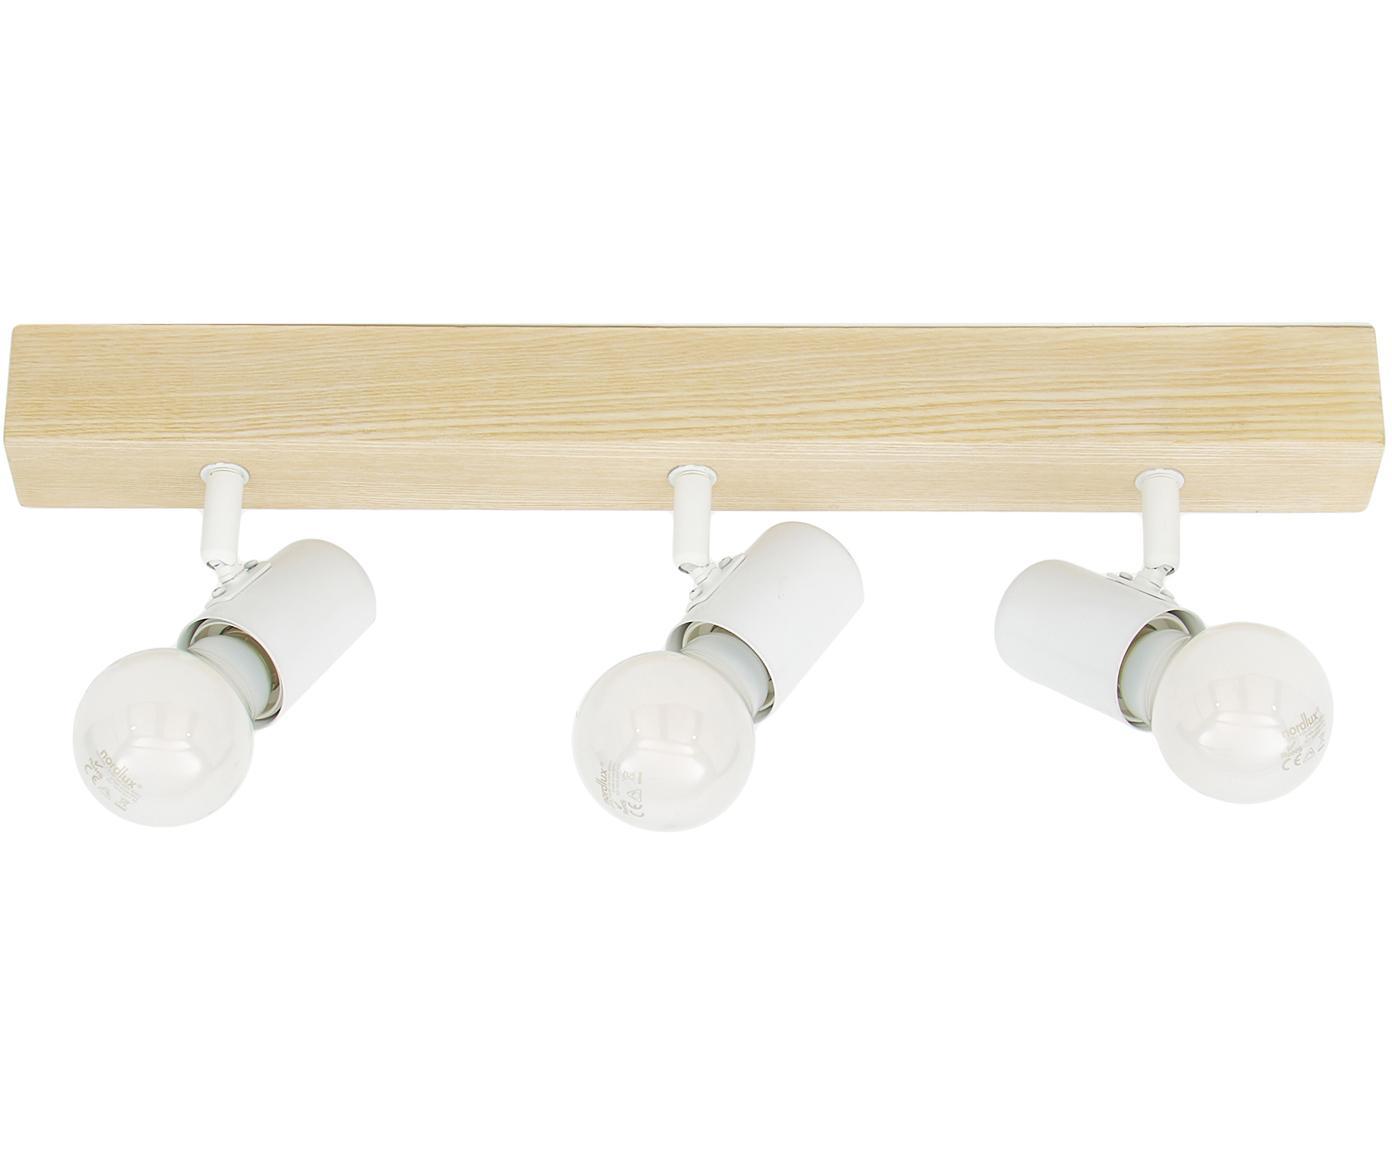 Lampa sufitowa Townshend, Biały, drewno naturalne, S 48 x W 13 cm